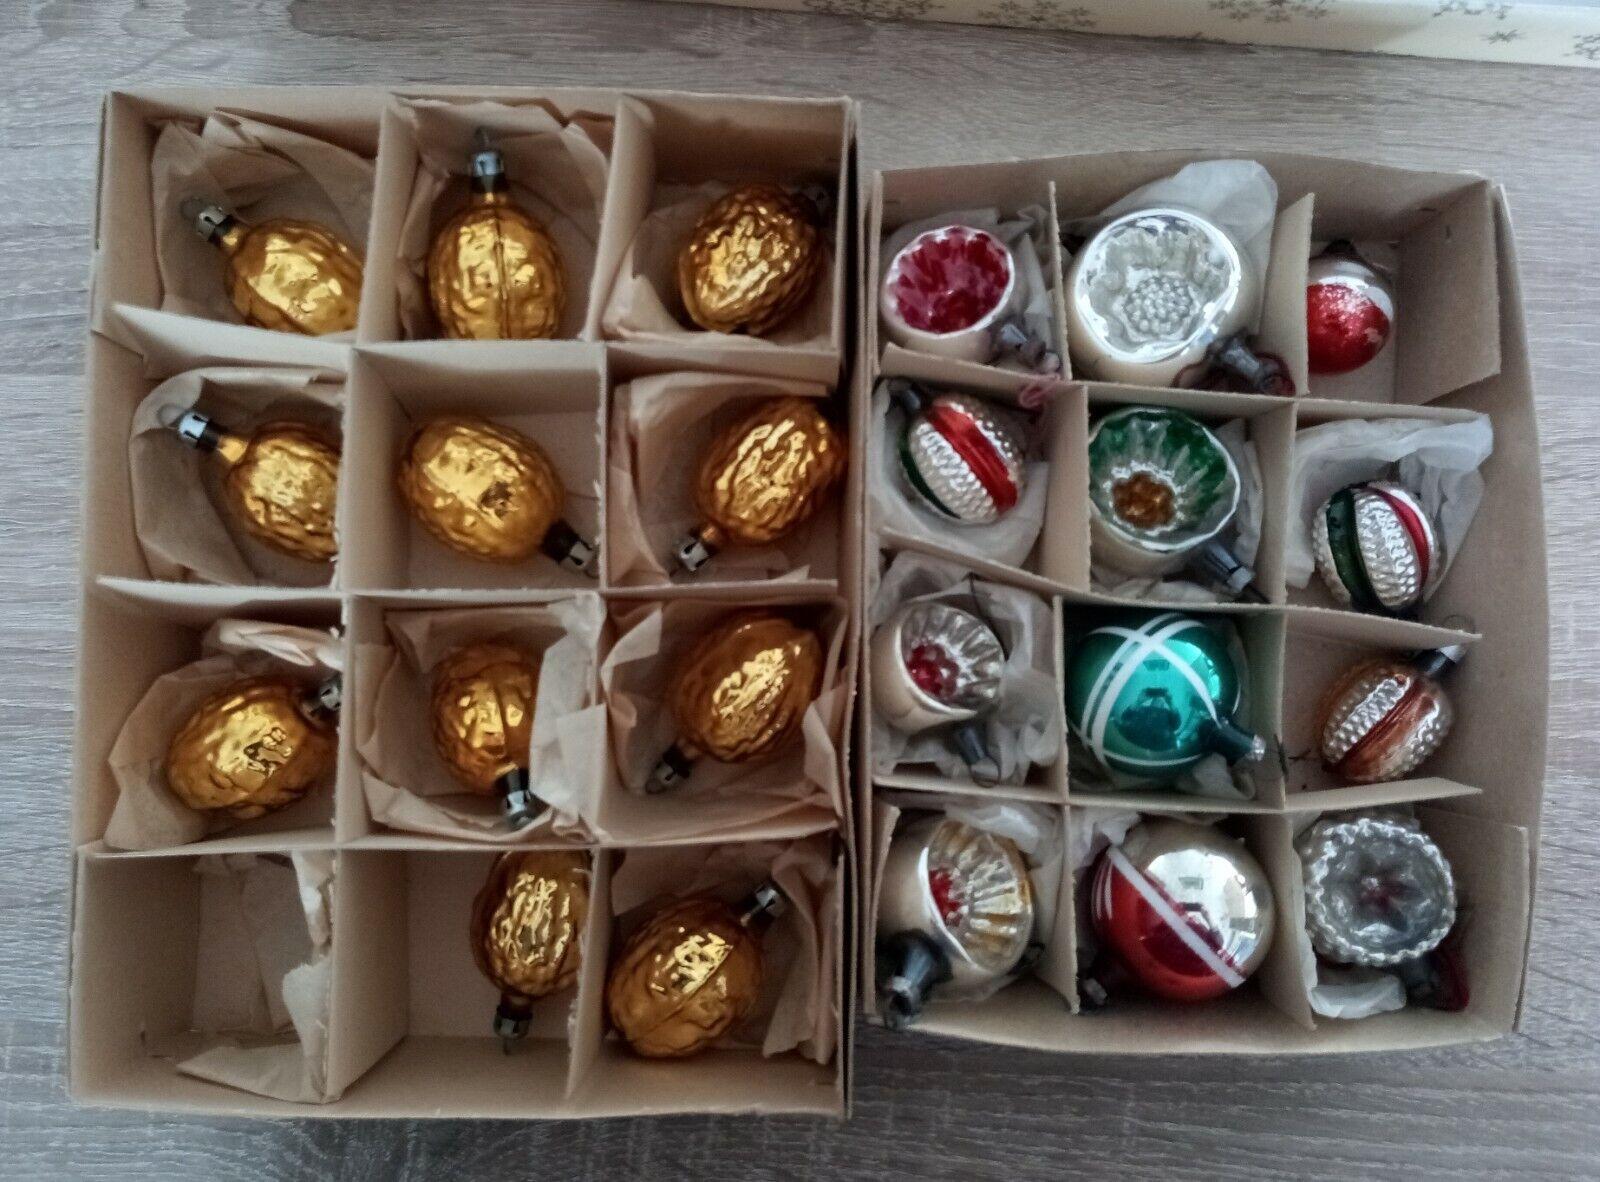 Weihnachtskugel, Christbaumkugeln Lauscha DDR, Nüsse, Reflex, Formteile, 23 teil